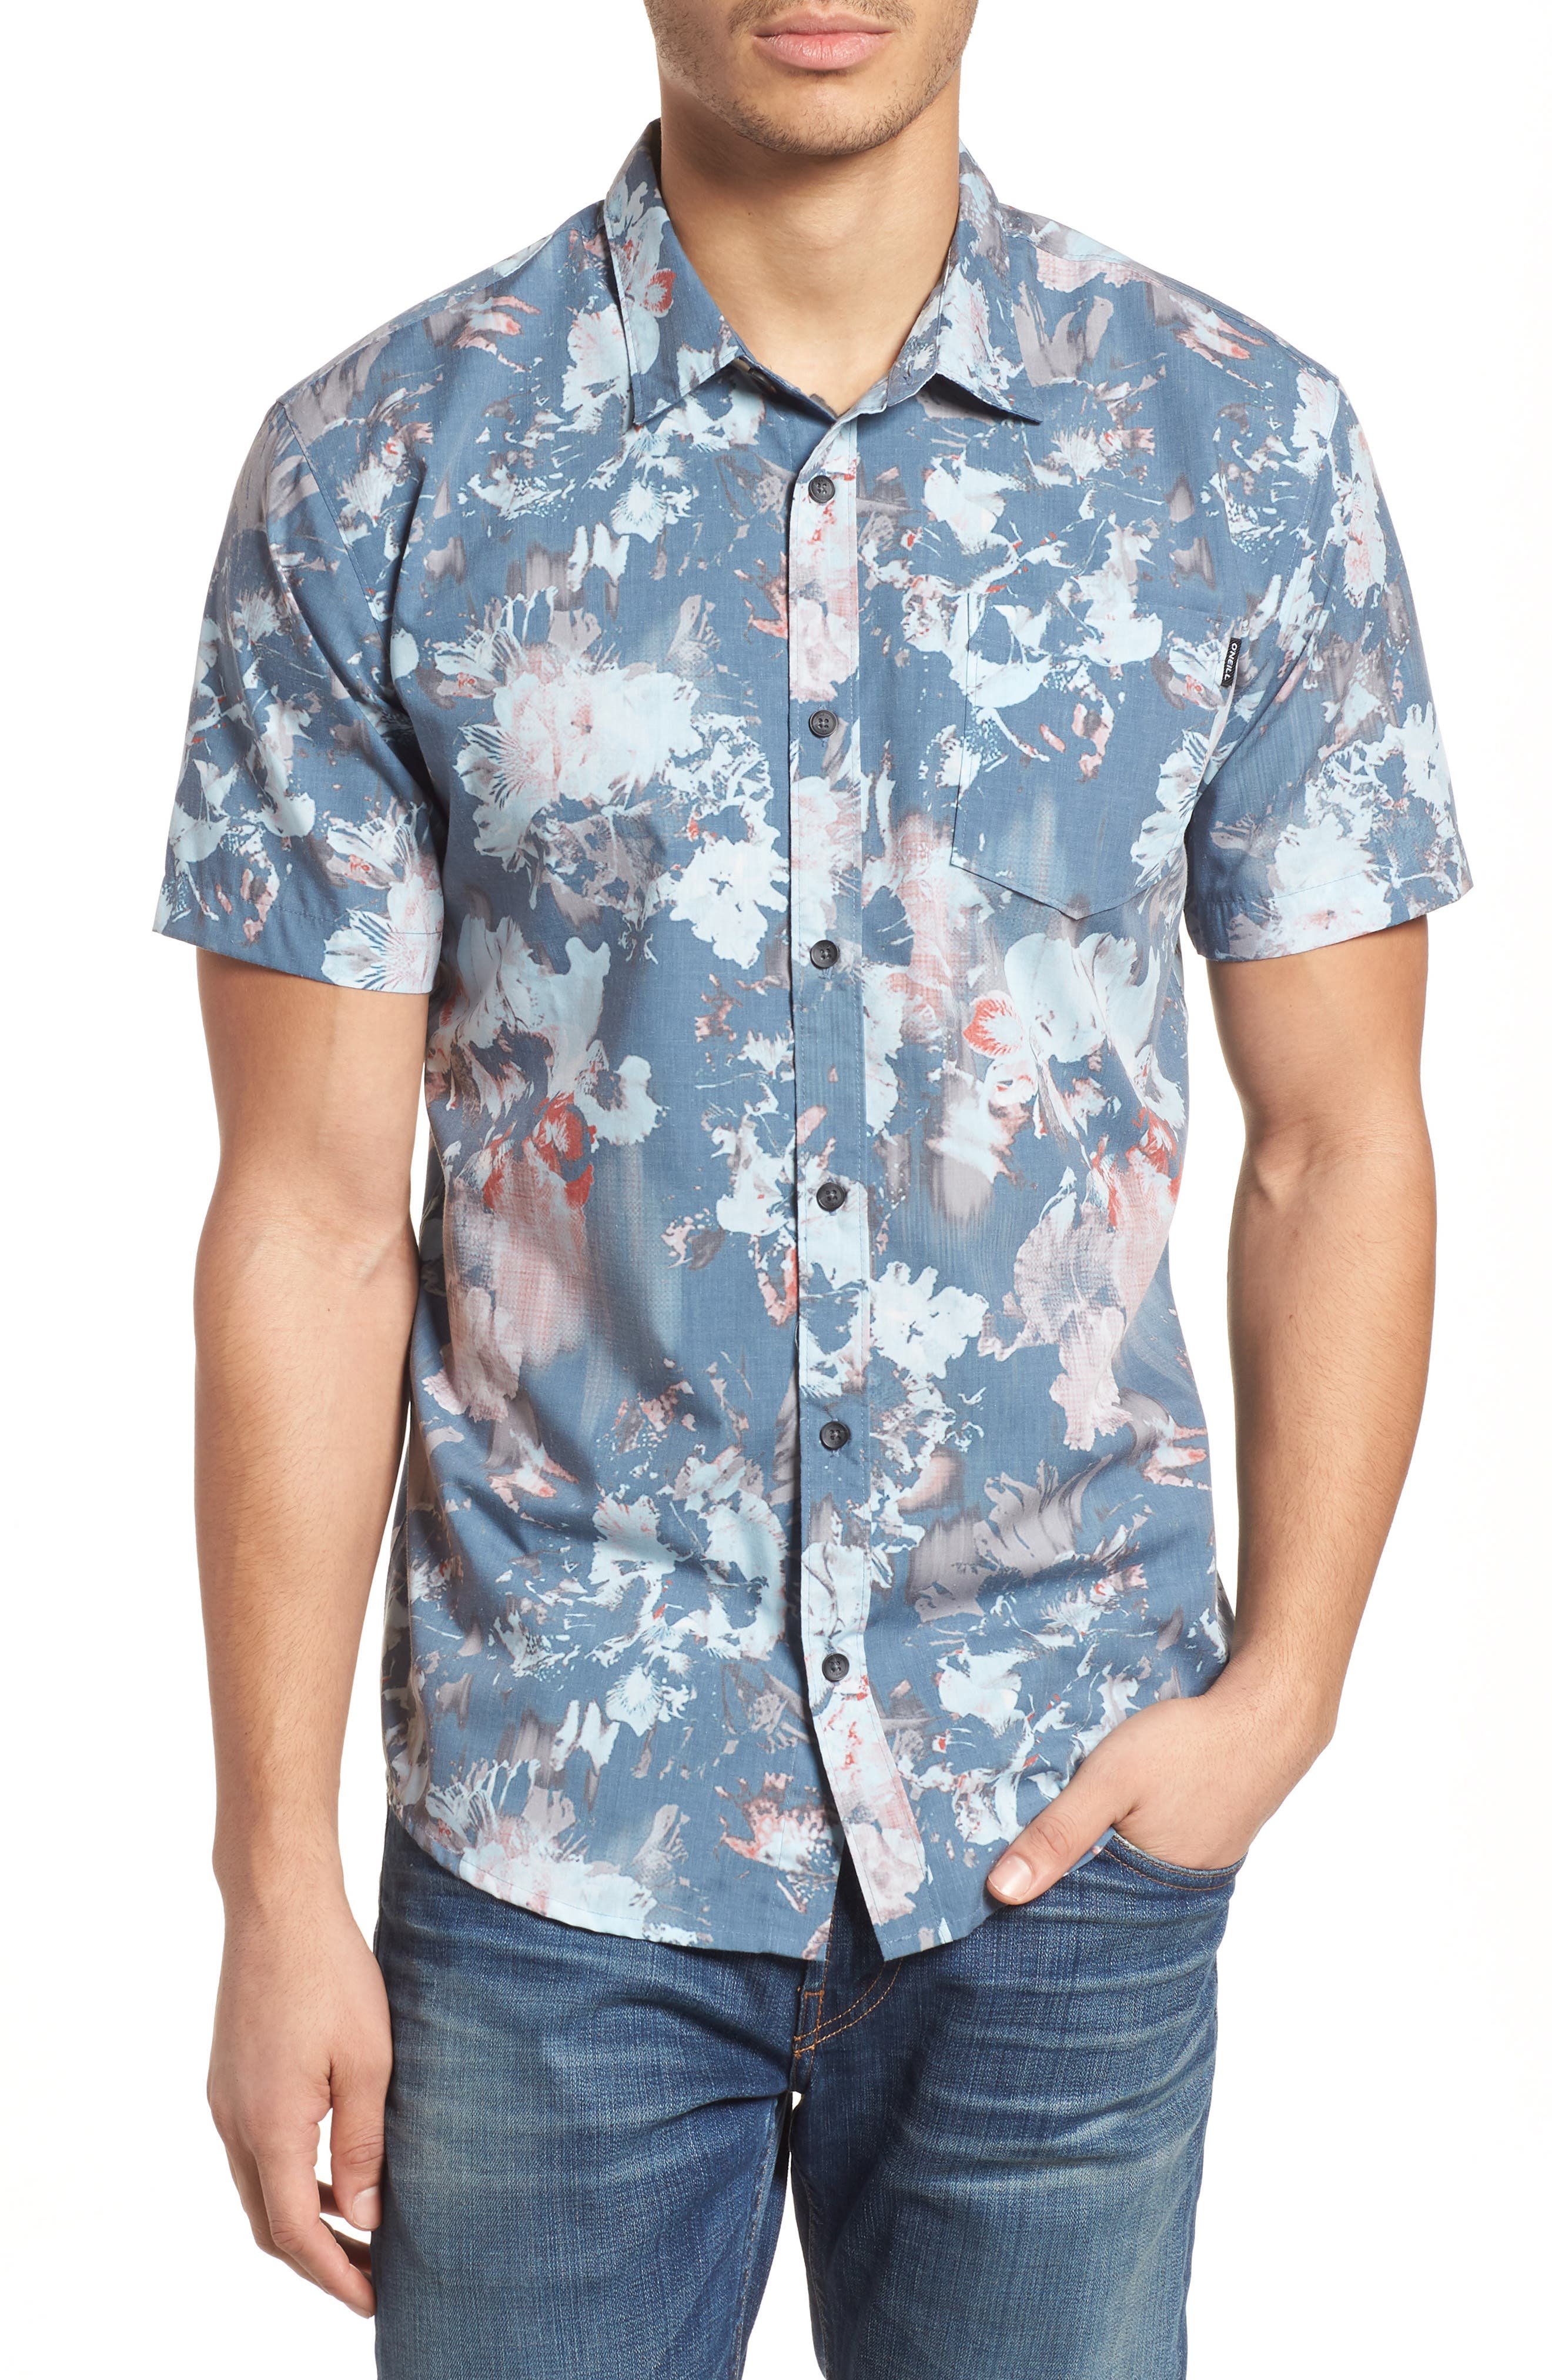 O'Neill Perennial Woven Shirt